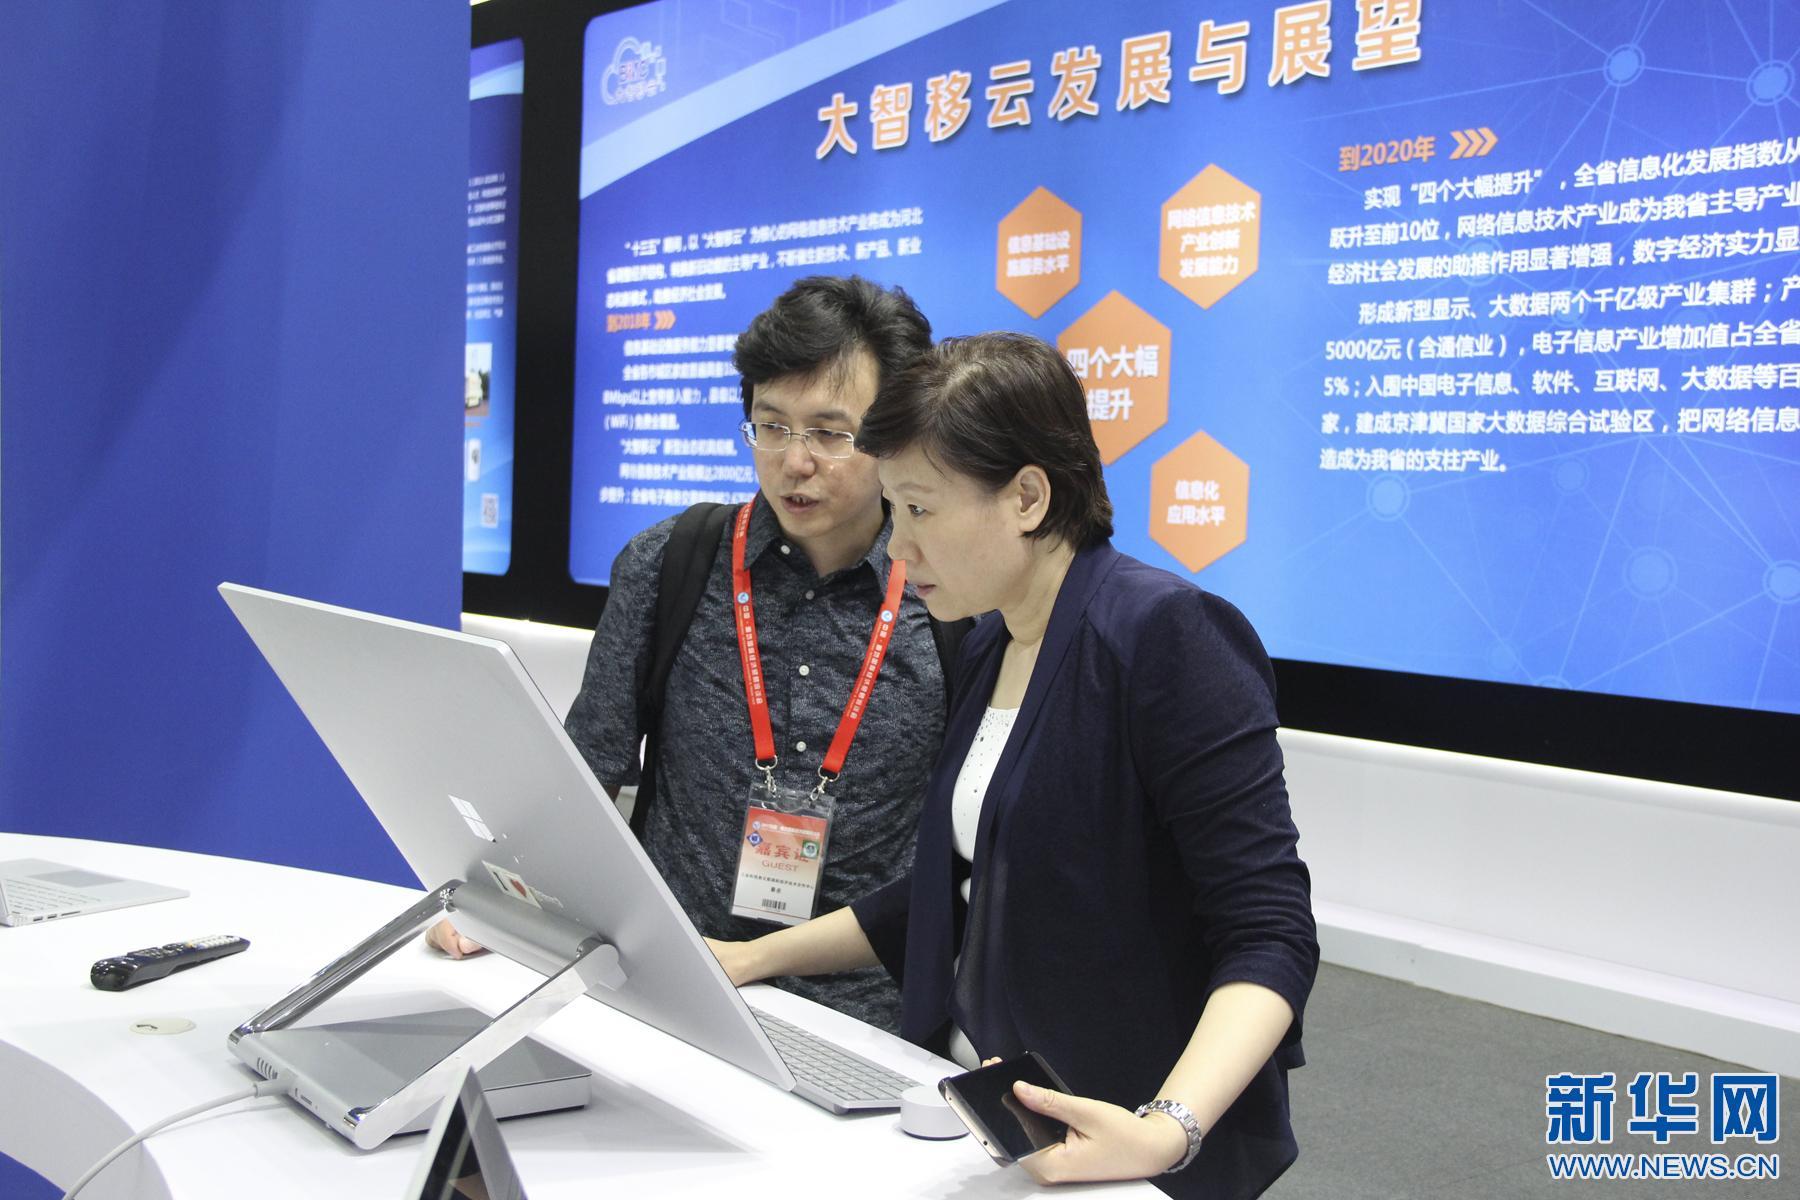 新华网展区惊艳亮相2017中国·廊坊国际经济贸易洽谈会